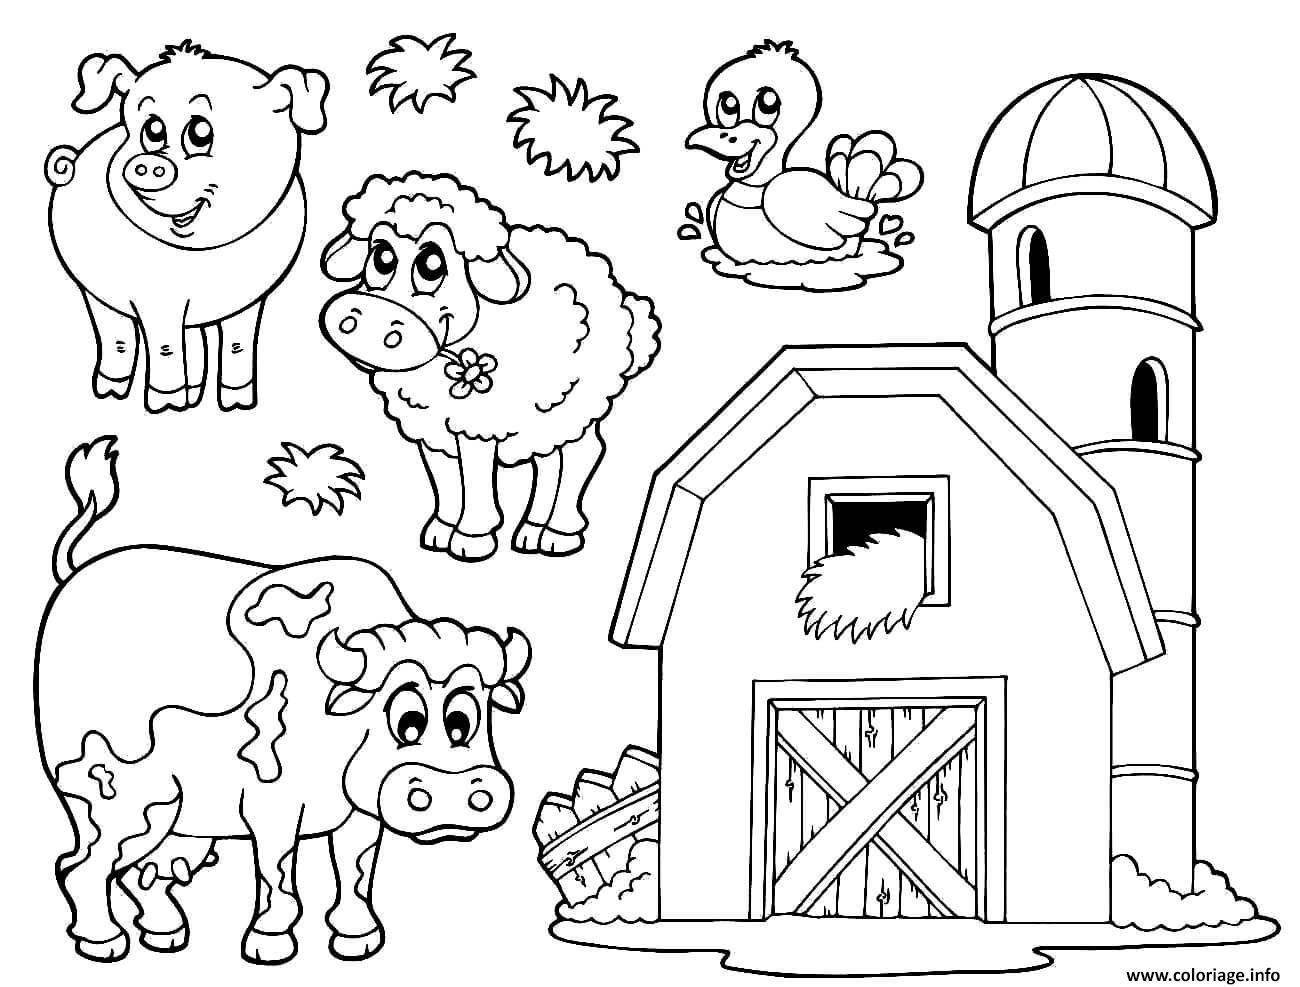 Dessin une ferme avec animaux Coloriage Gratuit à Imprimer